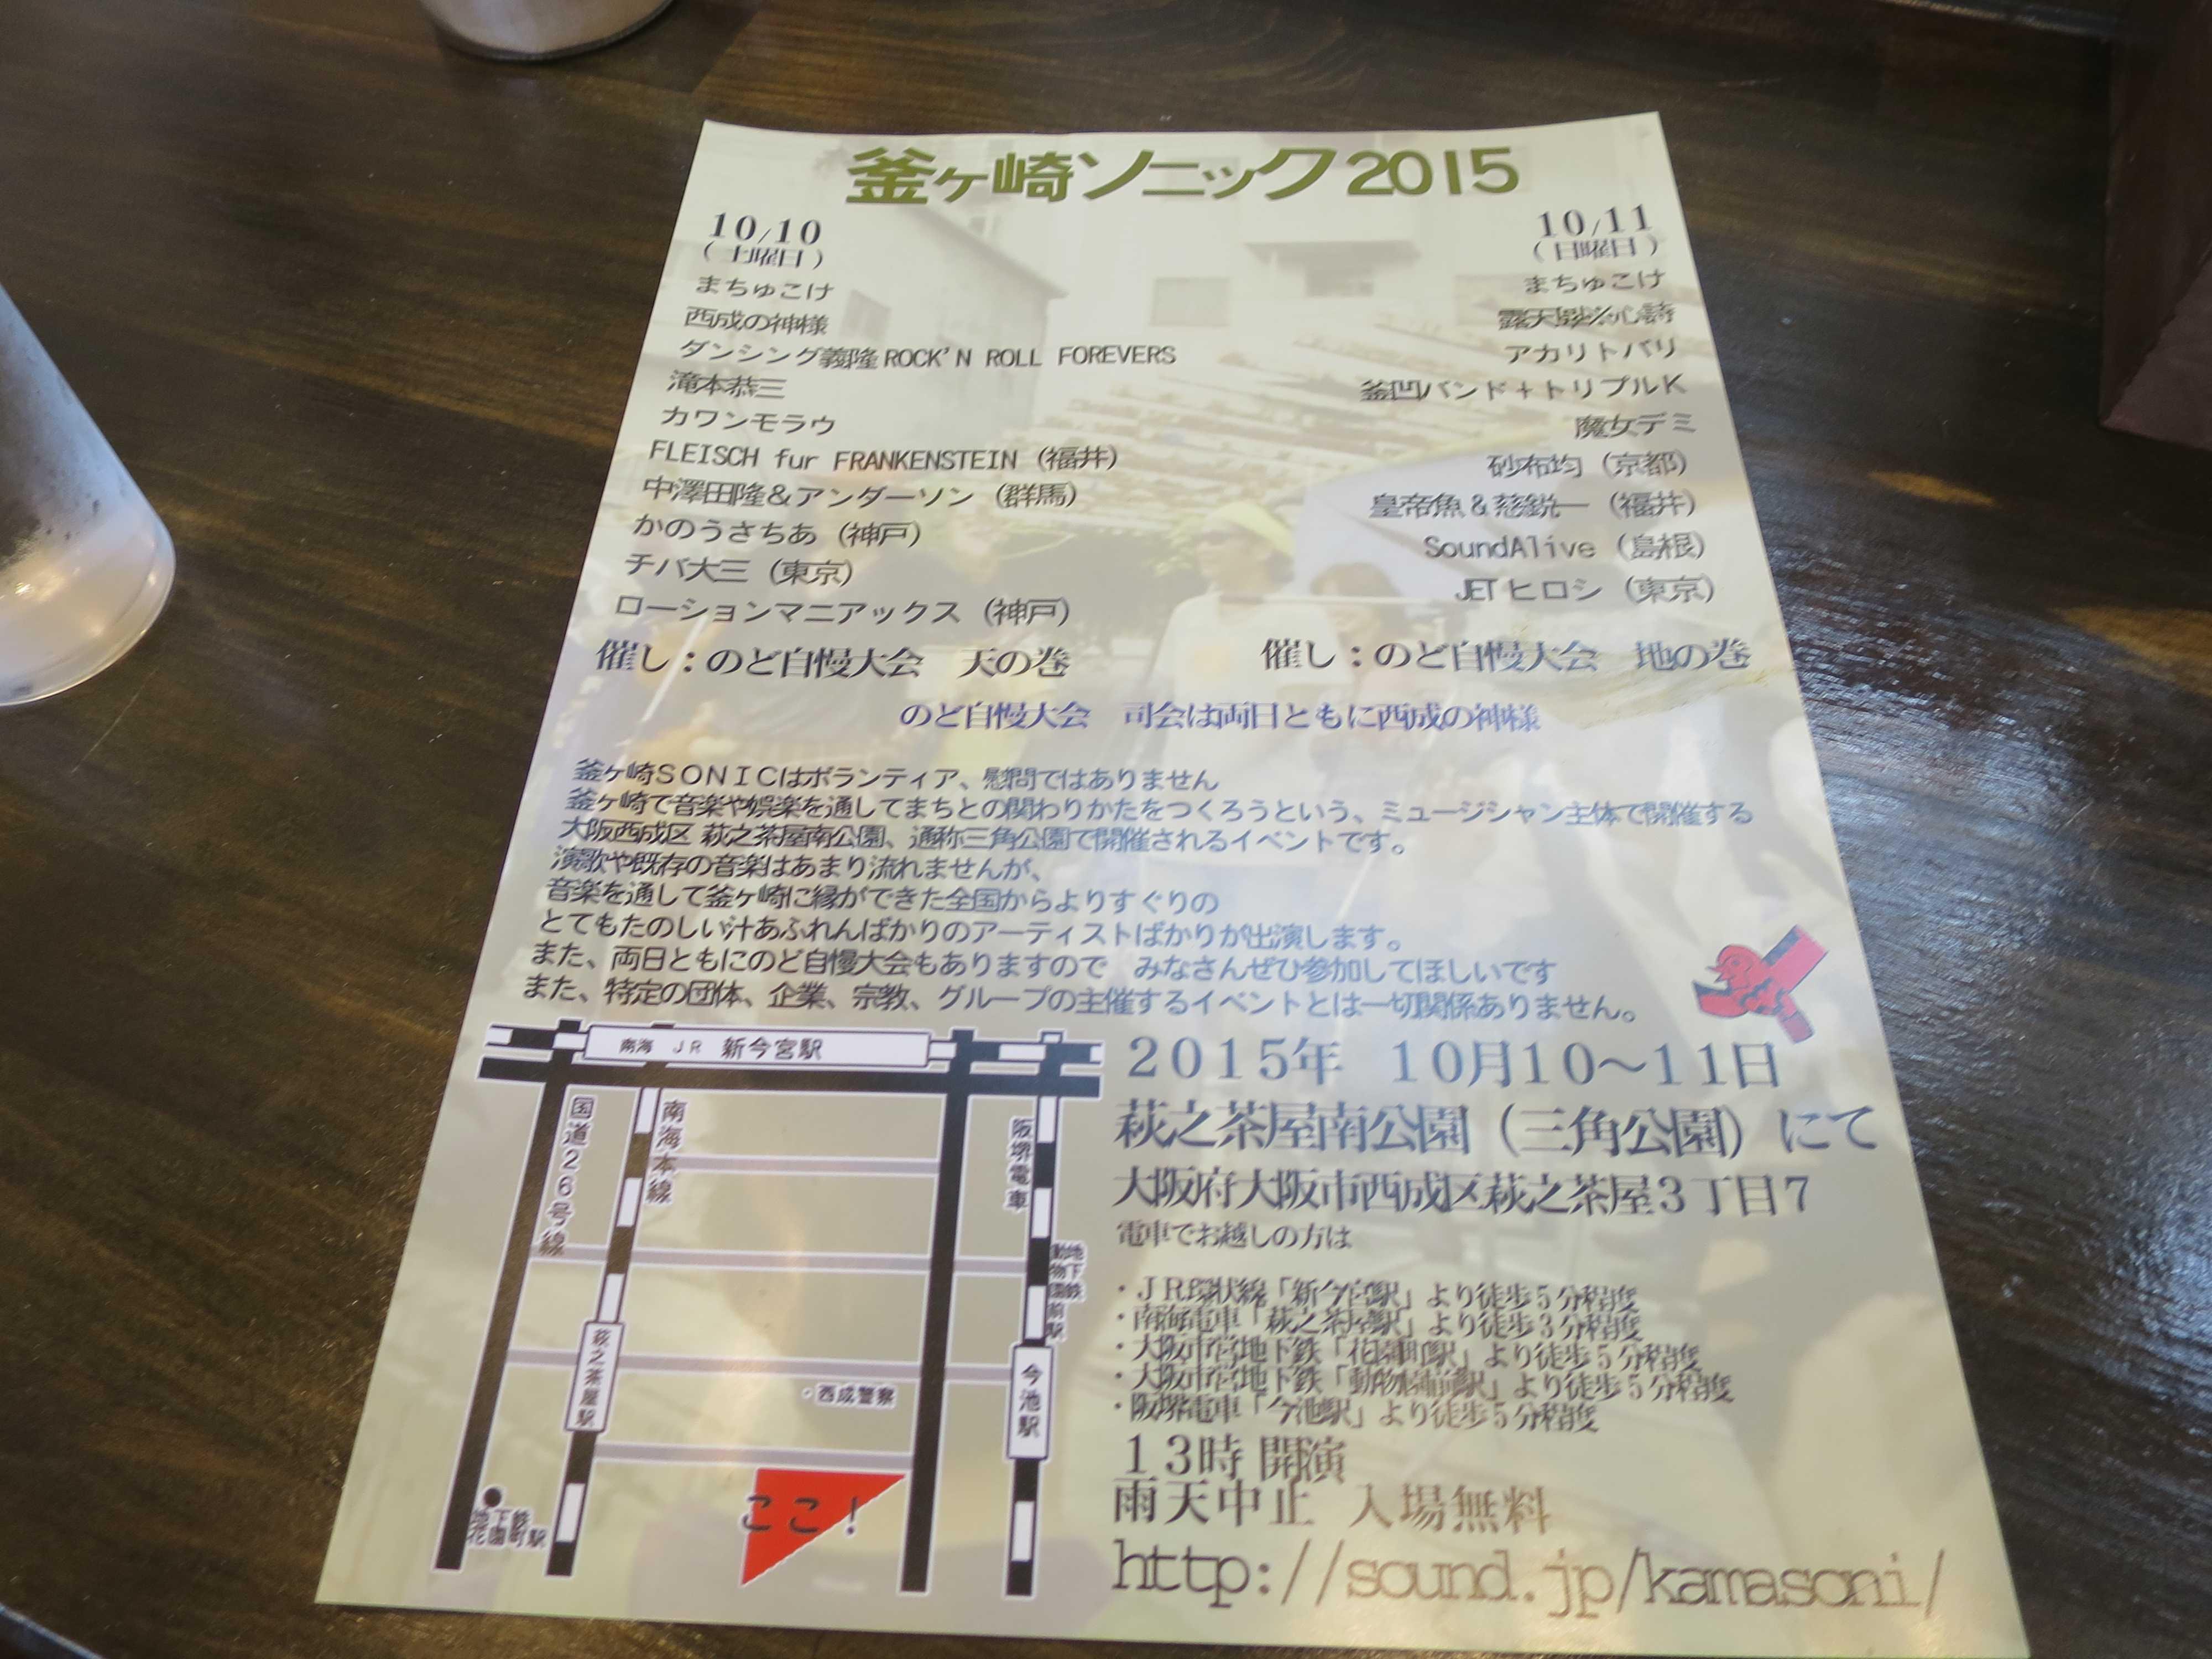 釜ヶ崎ソニック2015のビラ